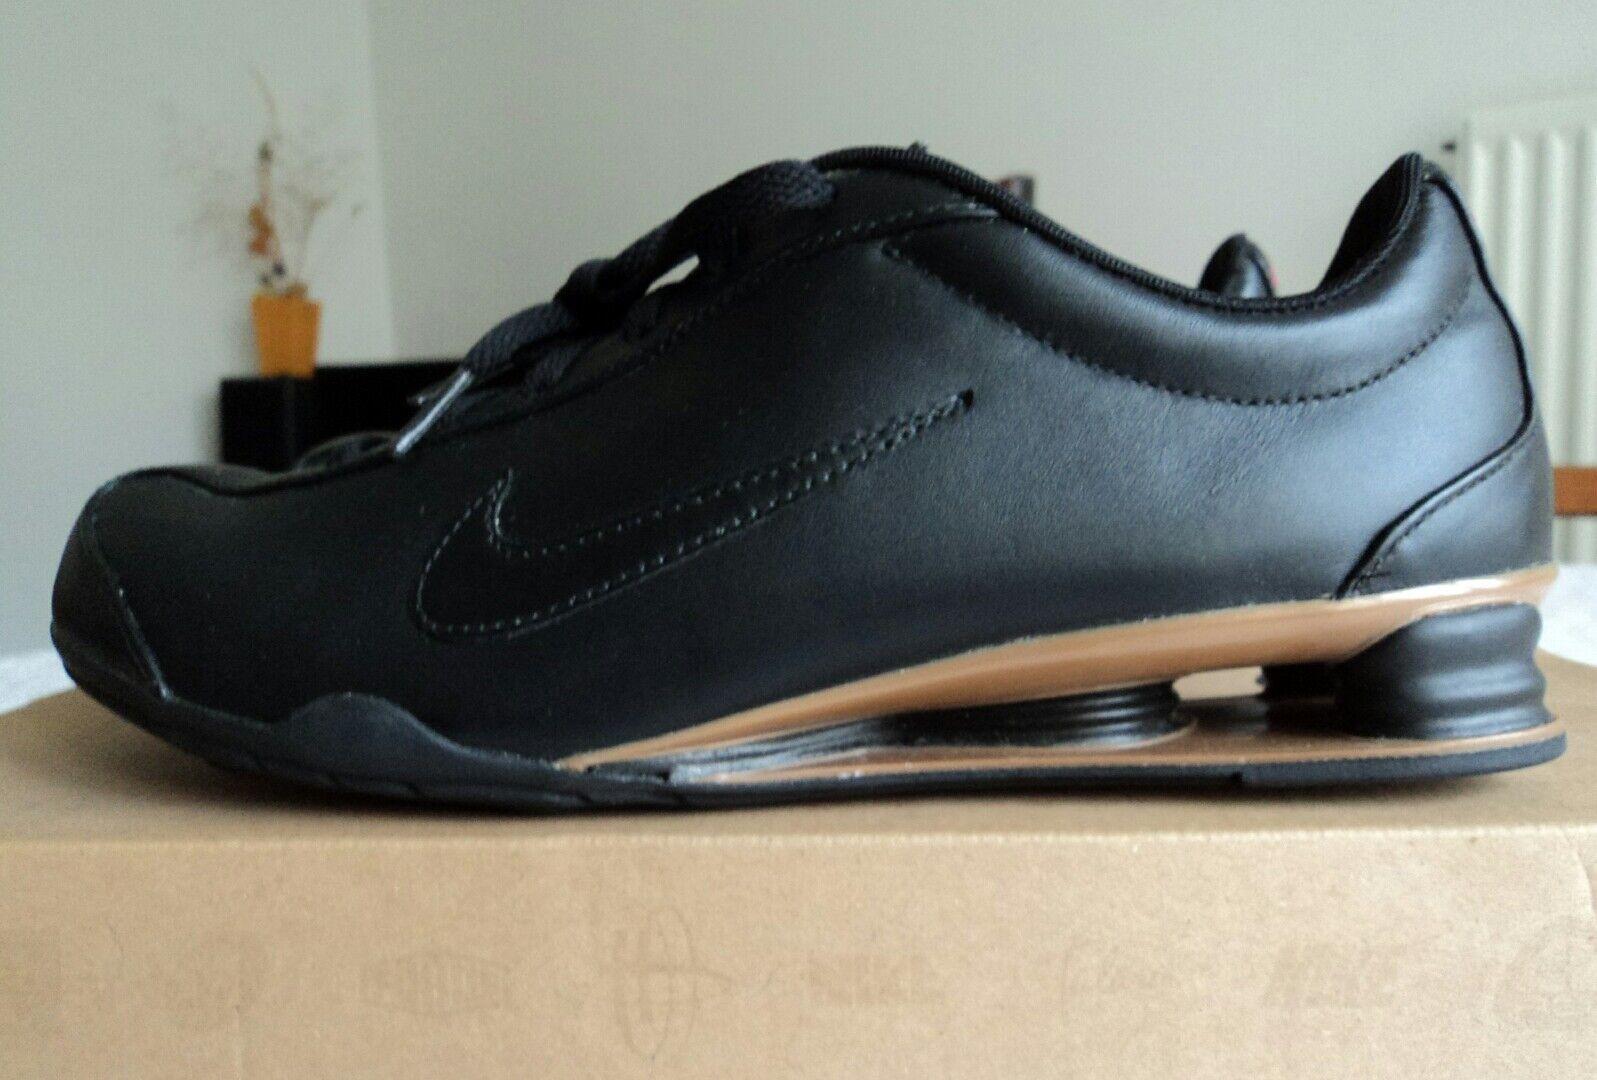 sports shoes 8b74c 71d33 NiKE NiKE NiKE SHOX SNEAKERS RIVAL, NEUVES AVEC BOÎTE, POINTURE 40,  INTROUVABLE.